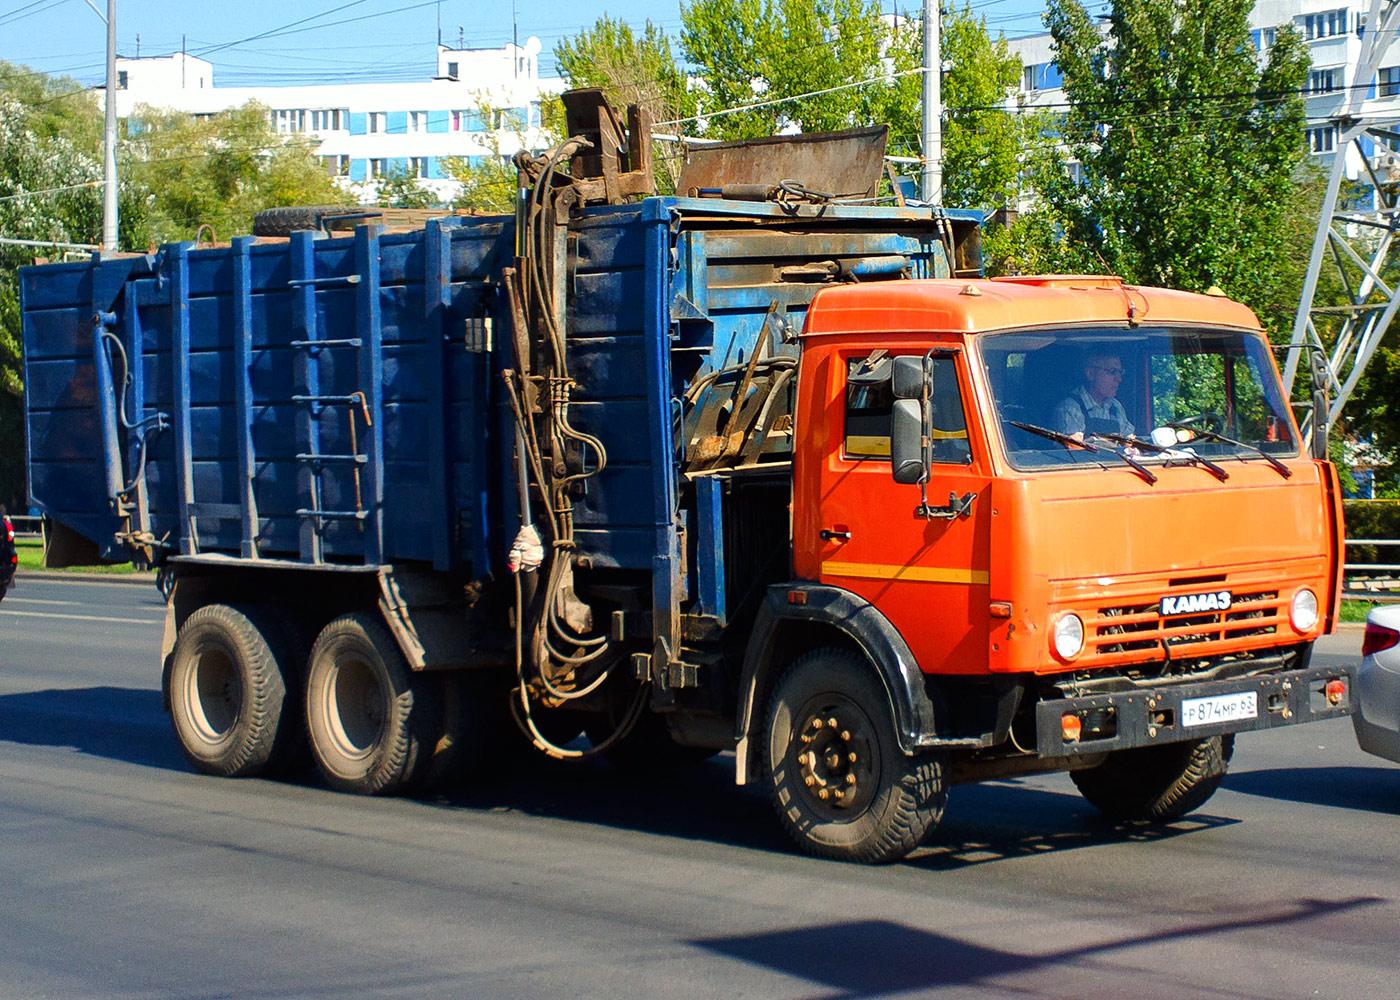 Машина для перевозки ТБО КО-415А на шасси КамАЗ-5320 #Р874МР63. г. Самара, Московское шоссе